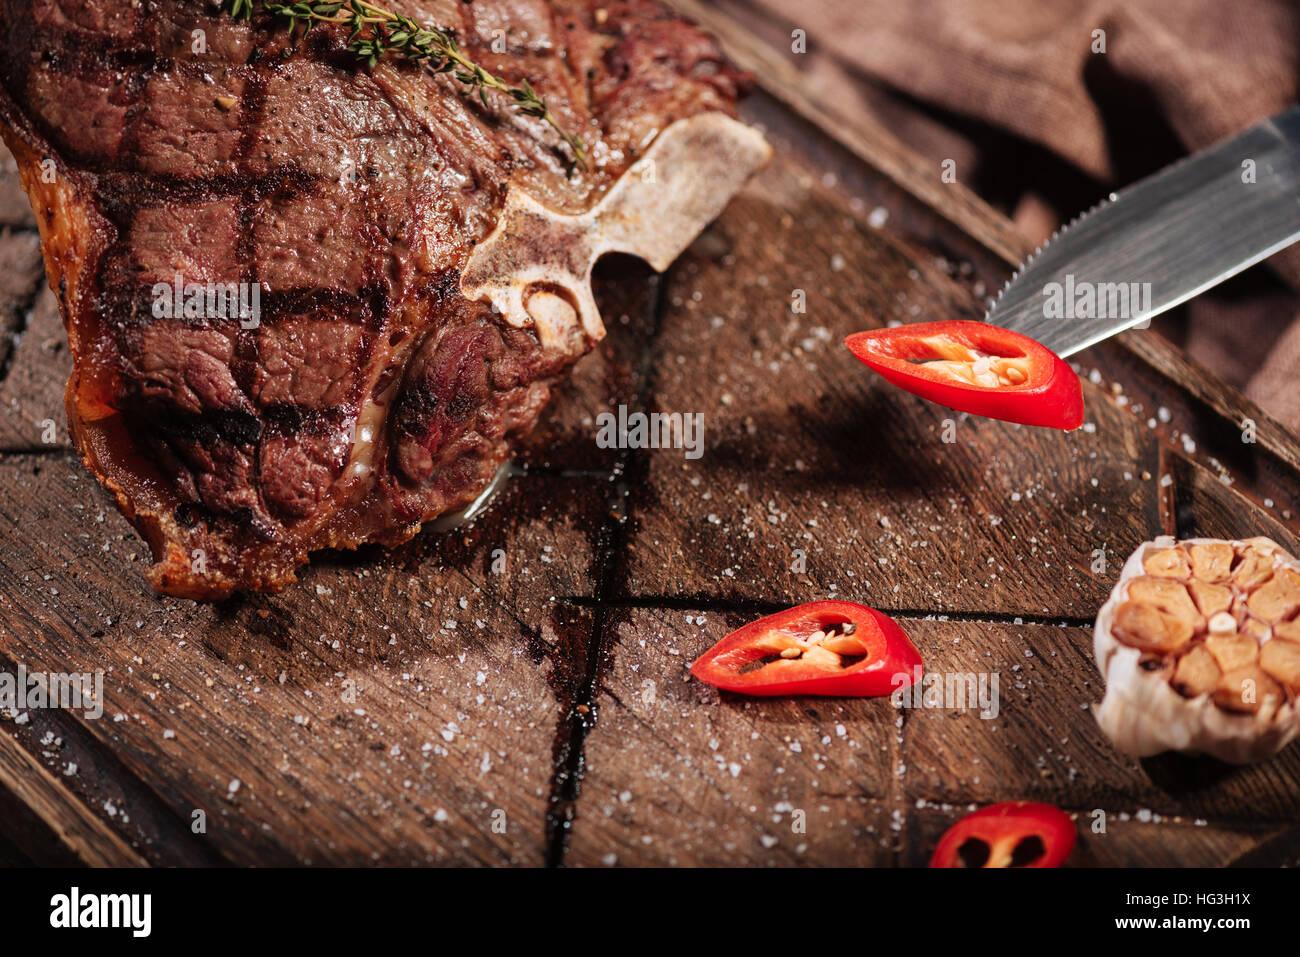 Vue de dessus d'un steak avec des légumes cuits en cours Photo Stock